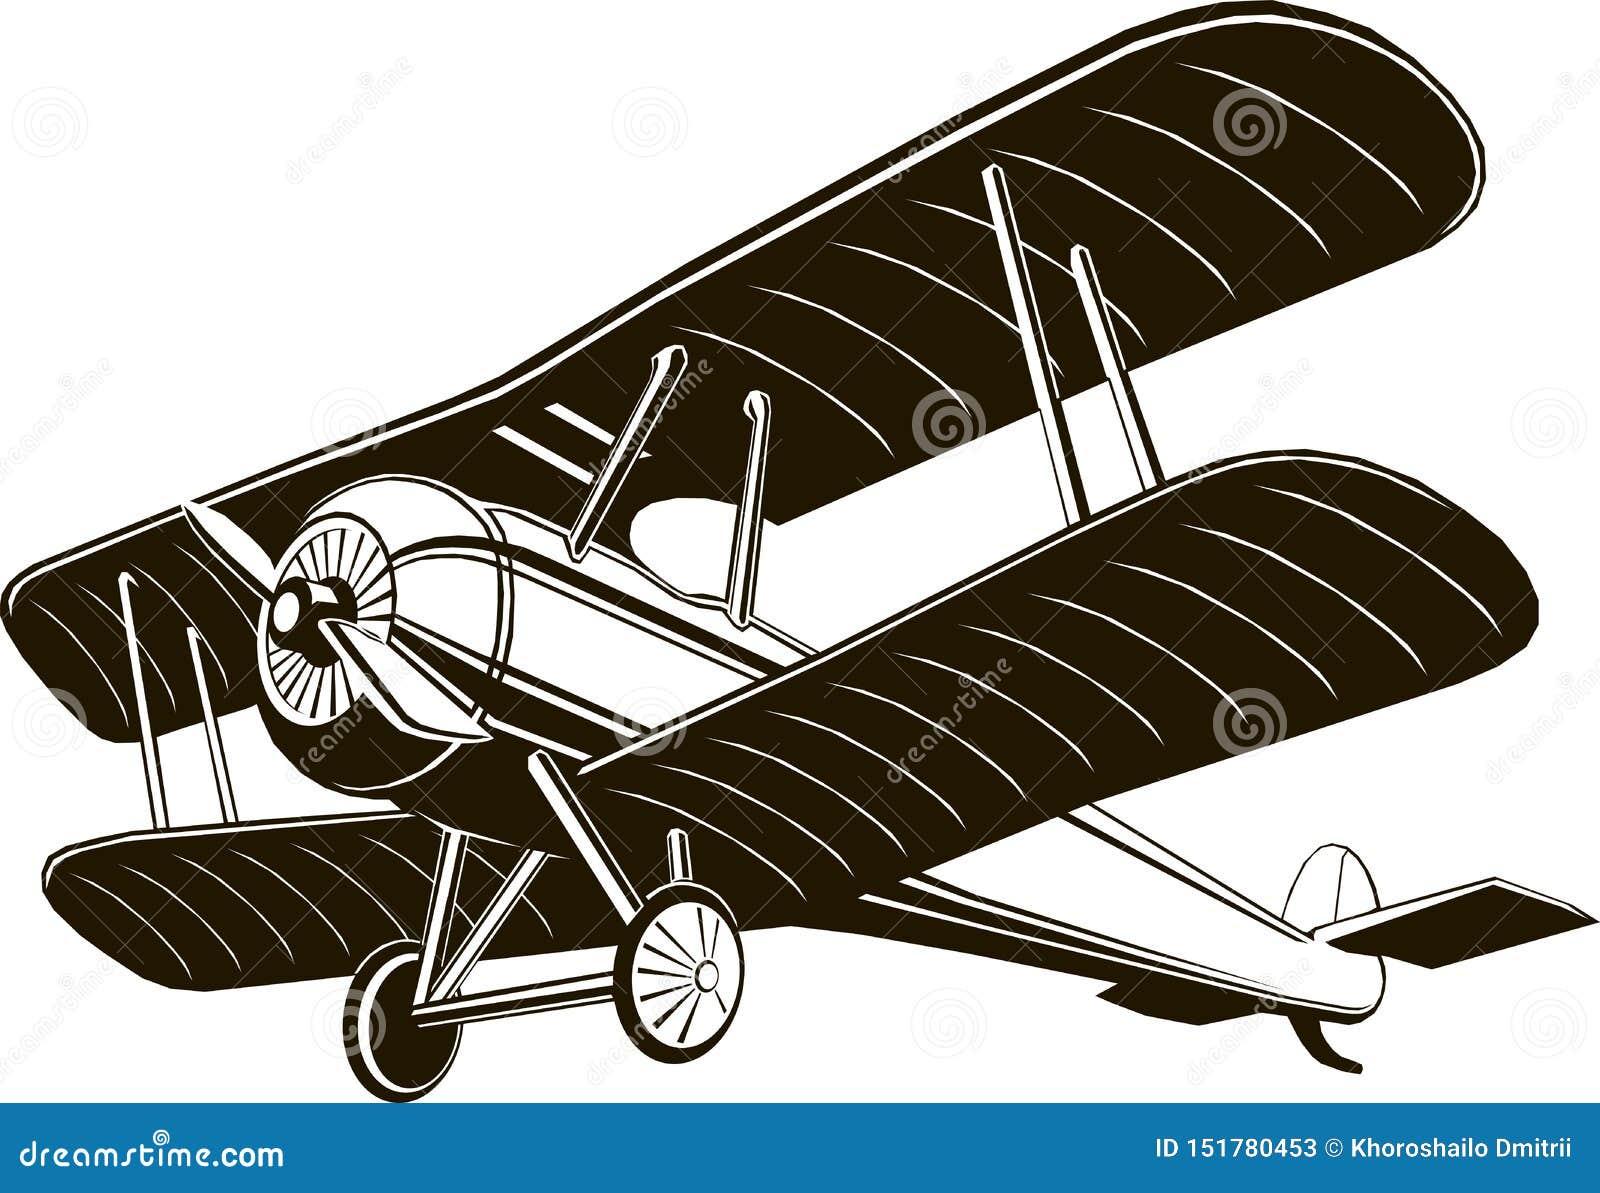 Vetor gráfico preto monocromático do clipart do avião retro do biplano